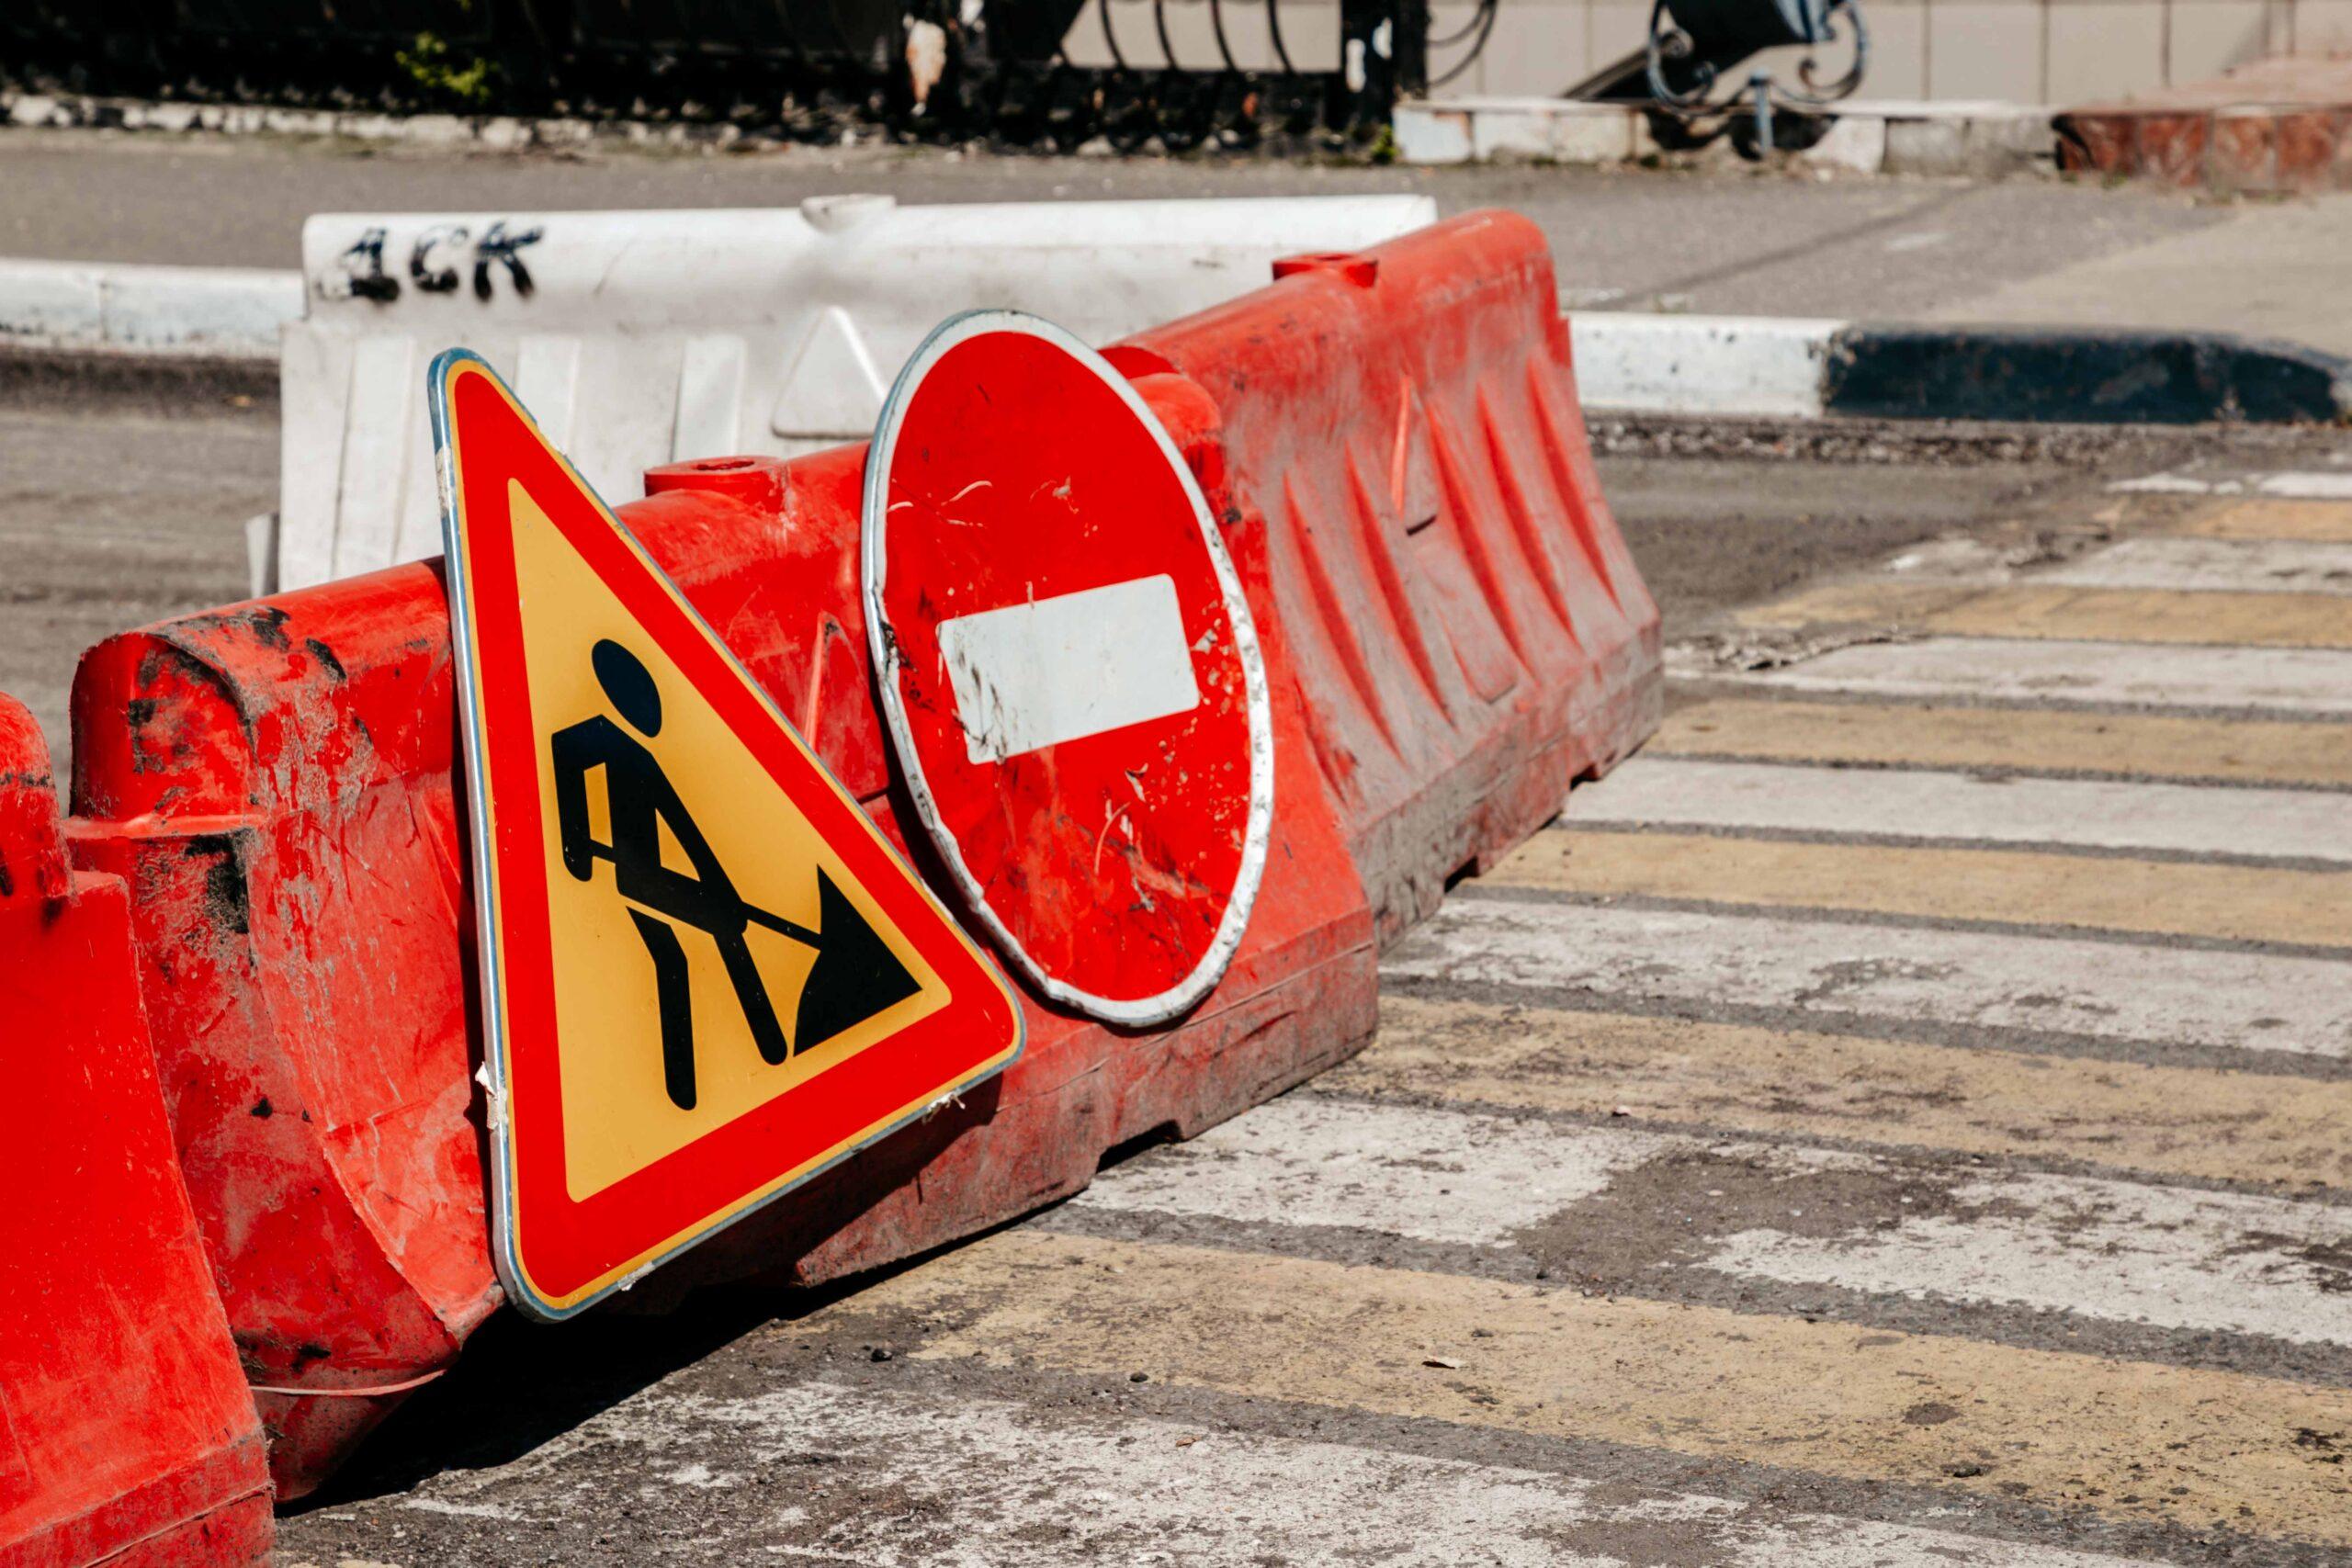 Ещё 3 улицы перекроют в Твери из-за ремонта дорог